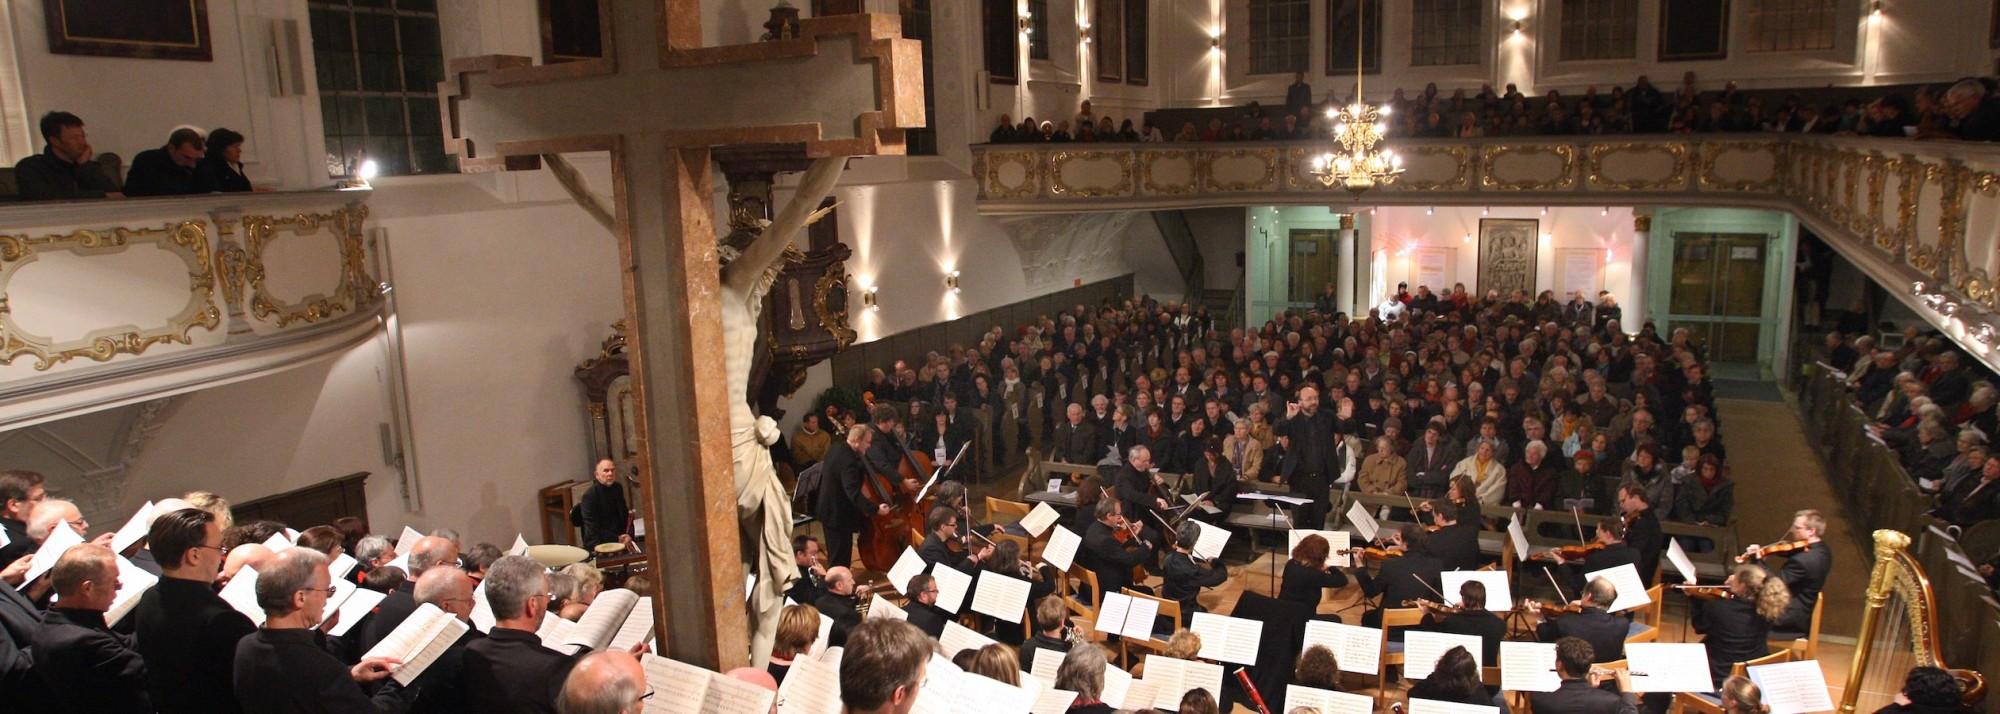 Chor-und Orchesterkonzert mit der Kantorei